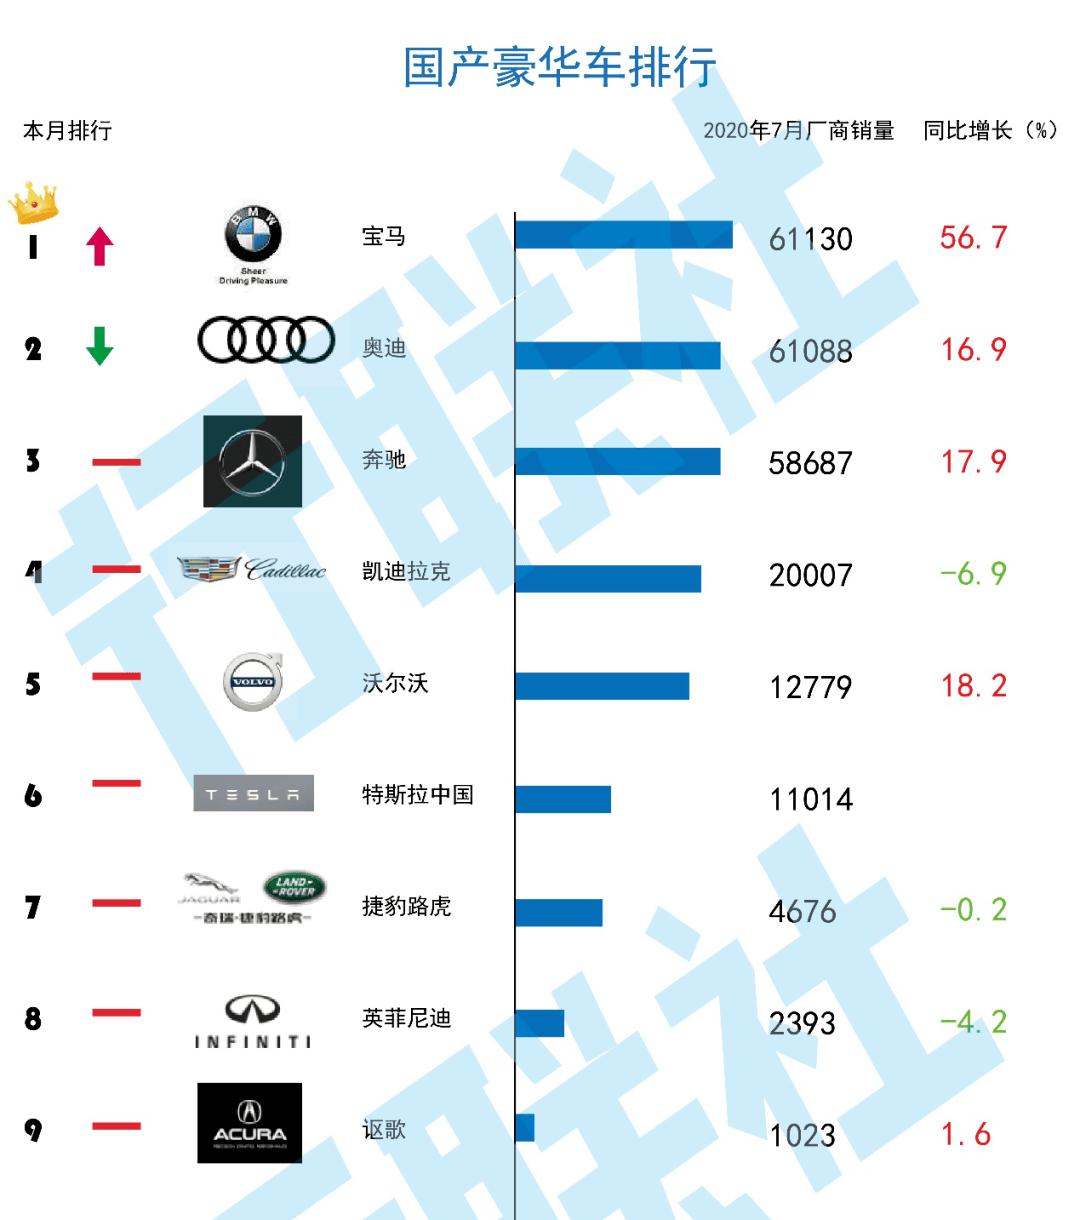 国产宝马月销量跃升首位  2025年计划实现